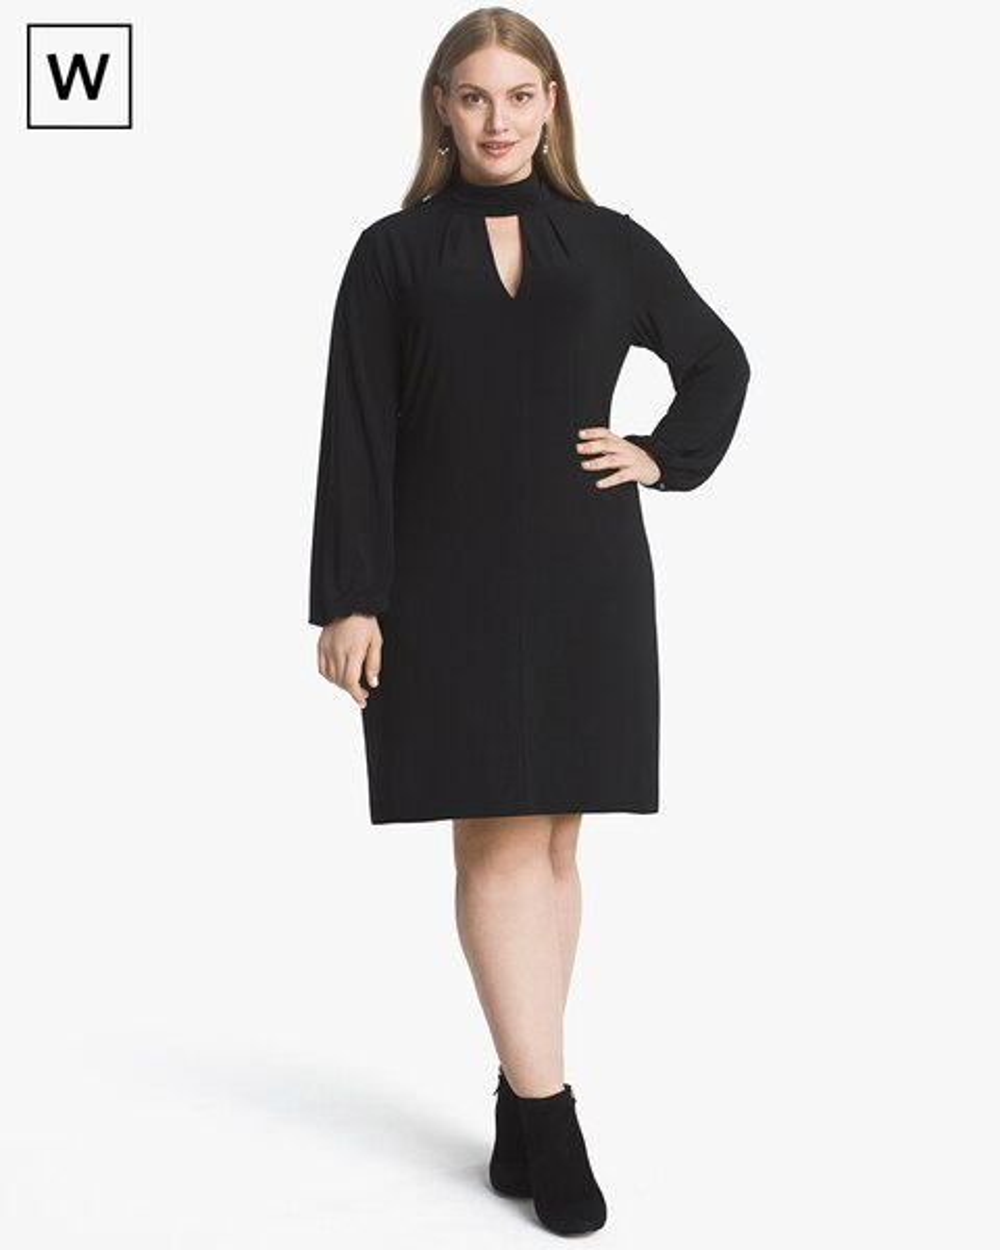 d8e2dc7122f Plus Black Mock Neck Shift Dress - White House Black Market